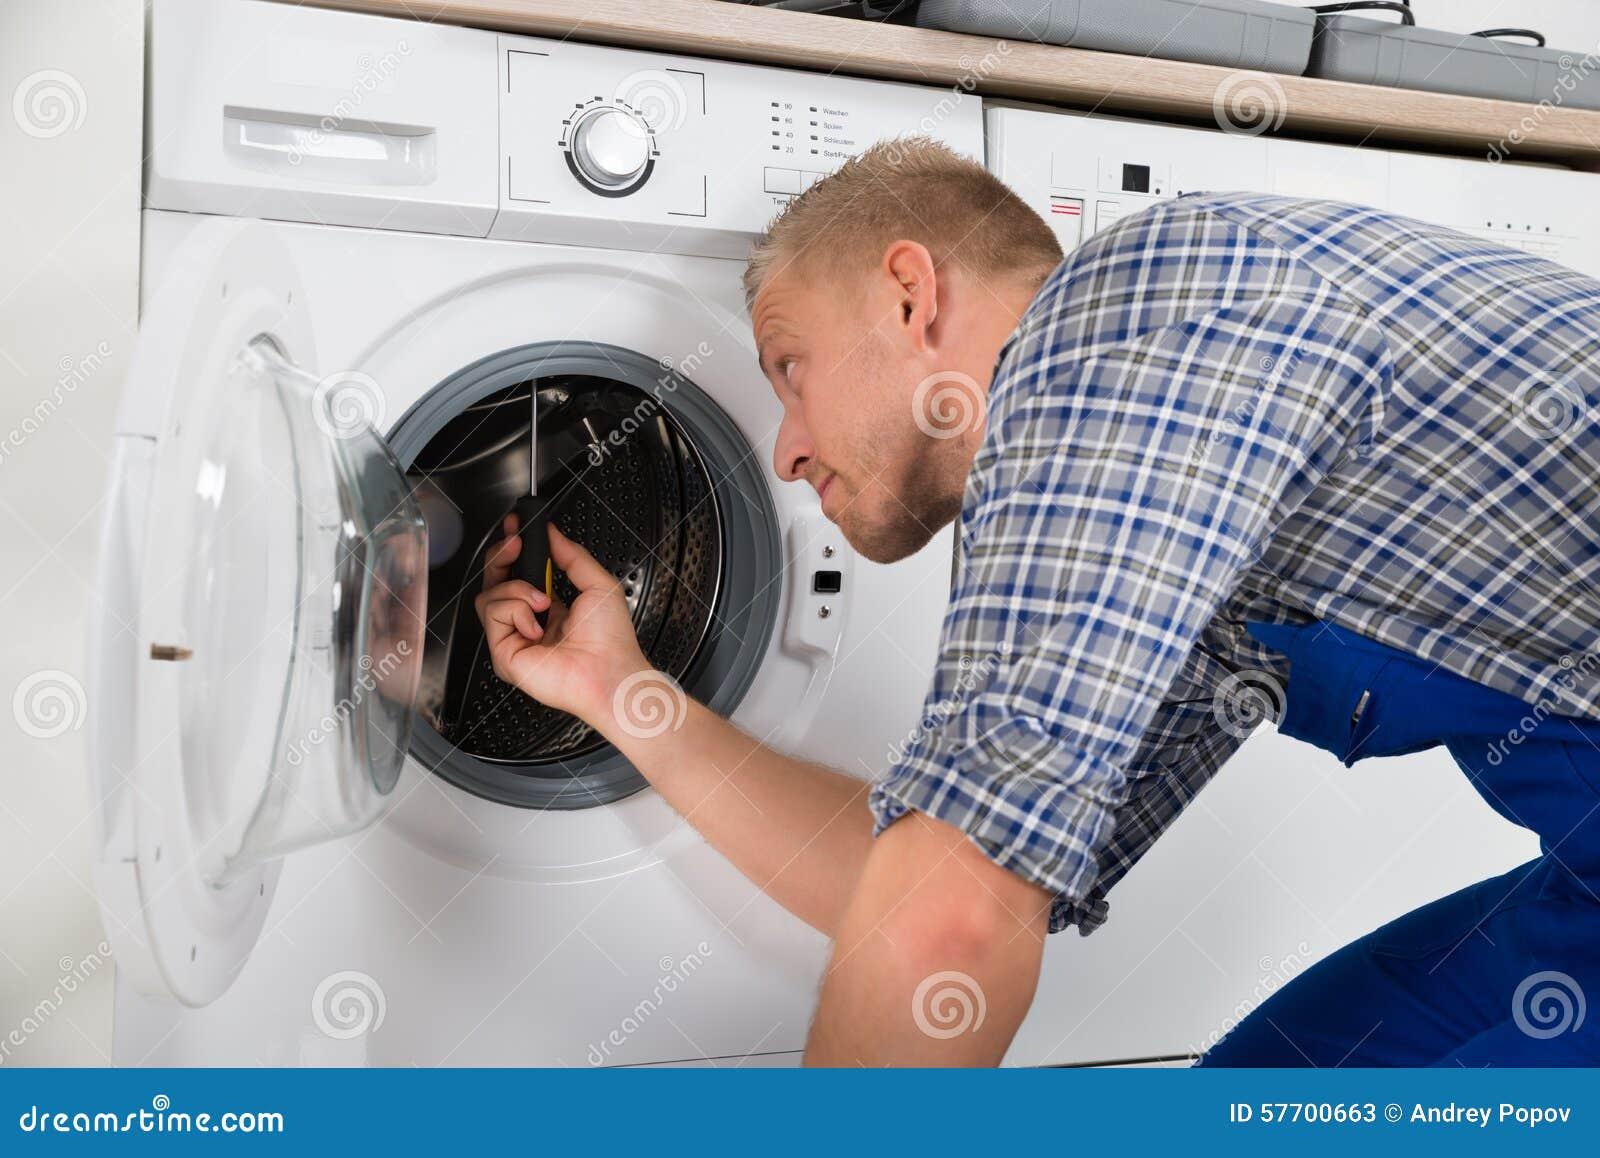 repairman washer machine